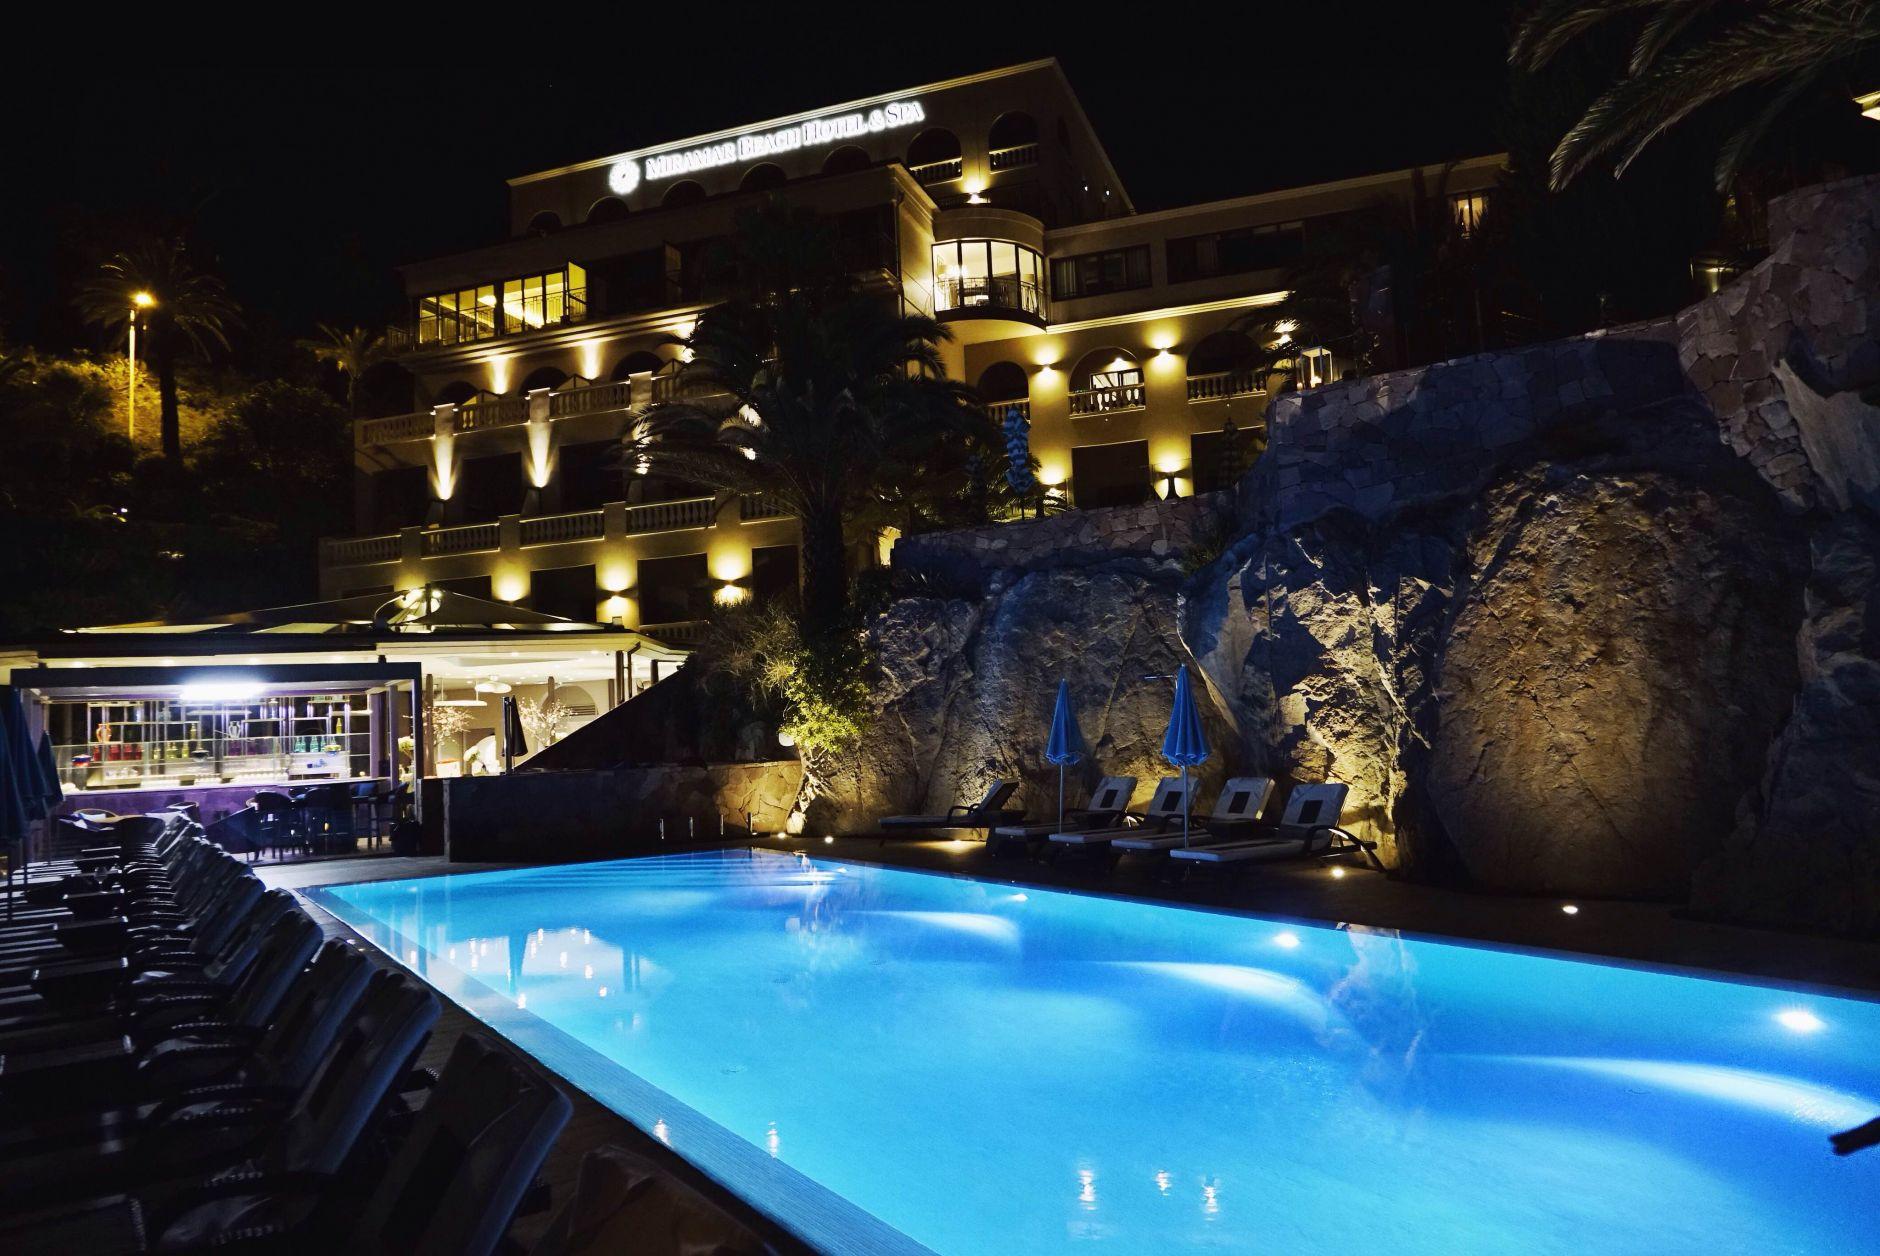 22-Tiara-Miramar-Beach-Hotel-Spa-Cote-dAzur-Disi-Couture-Edisa-Shahini-Cannes-France